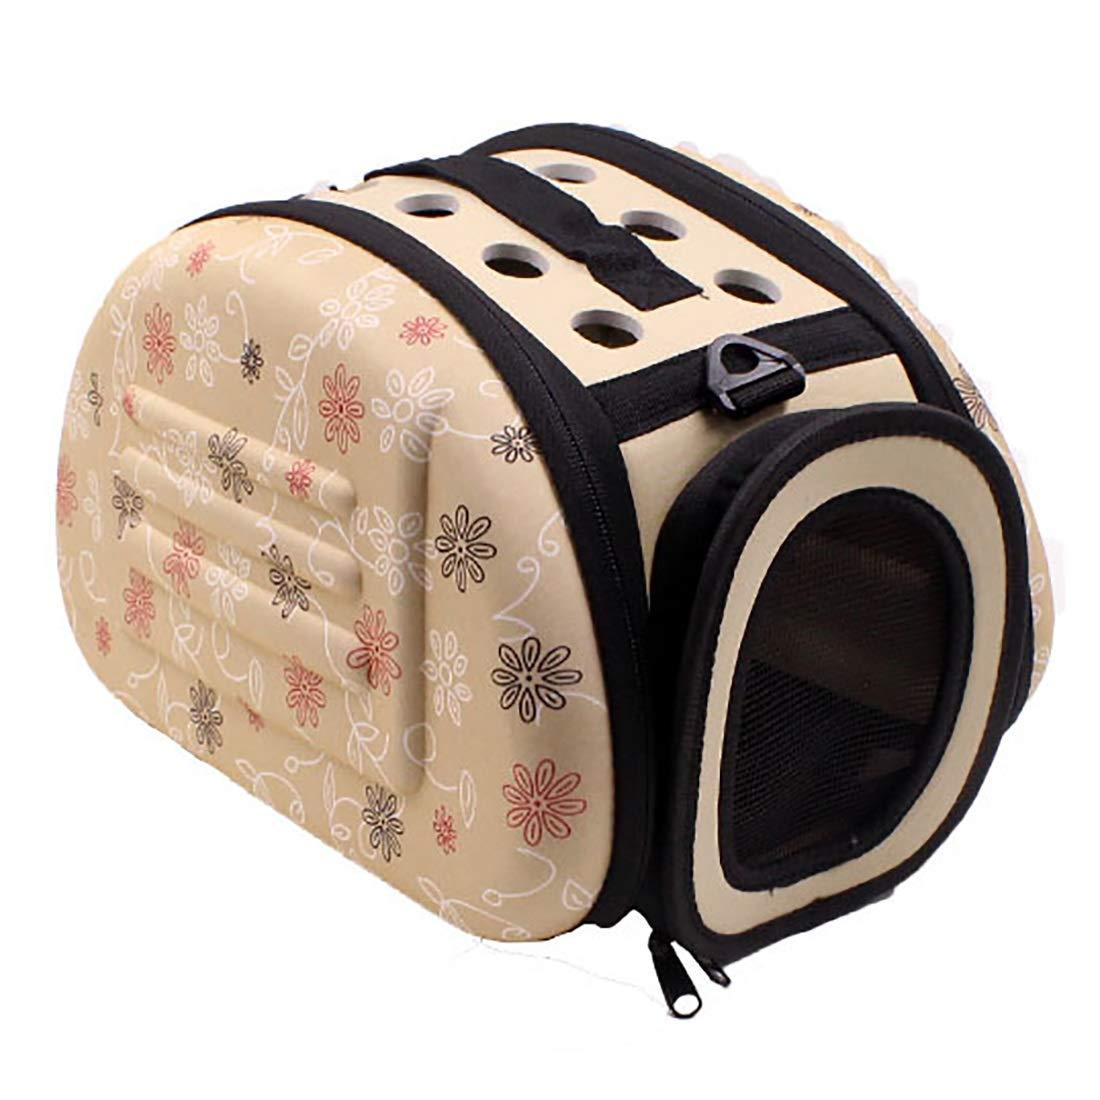 Beige M Beige M Cvthfyky Pet Bags Portable Cat Dog Sleeping Foils Collapsible Pet Travel Bags. (color   Beige, Size   M)